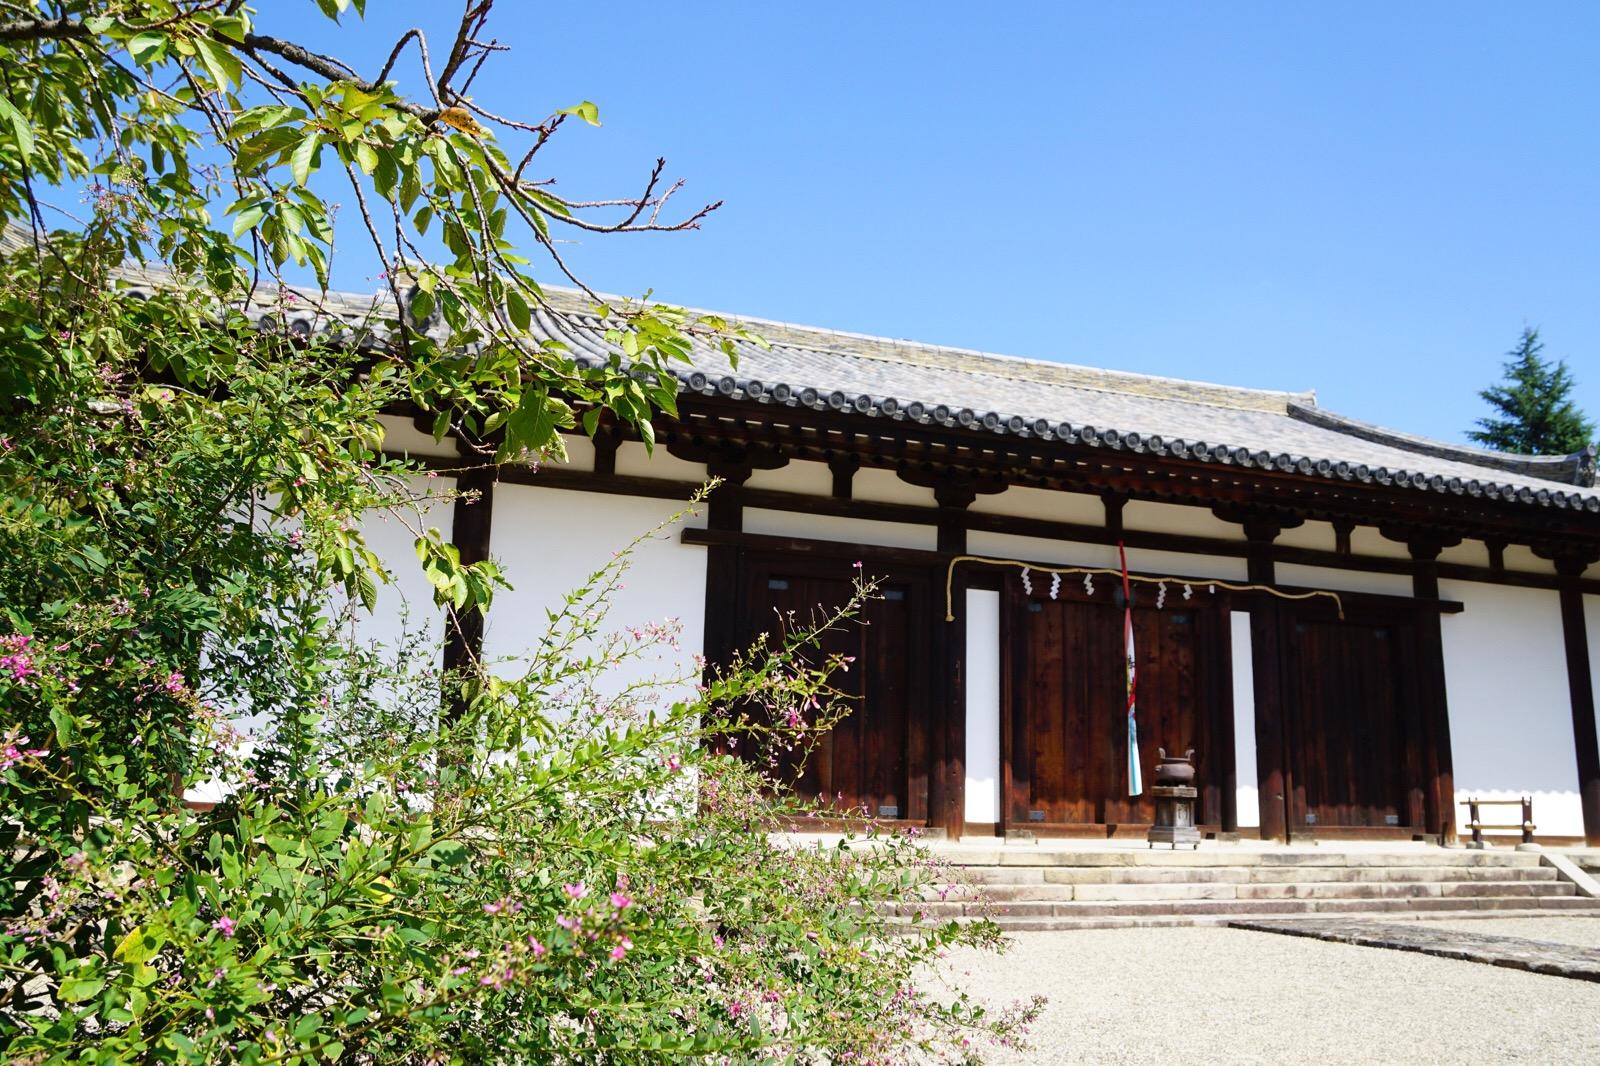 高円山は萩の名所としても有名で、新薬師寺にも萩の花が咲いています。